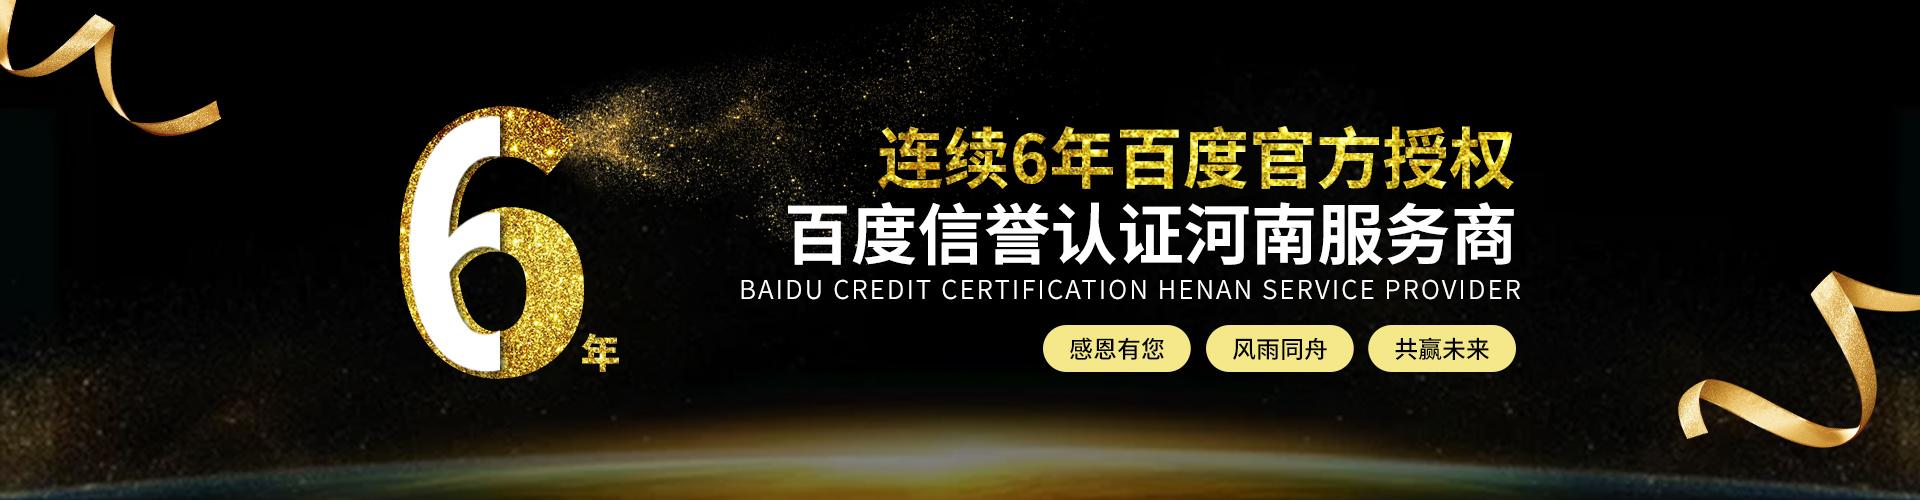 河南百度信誉加V,河南官网认证,河南百度信誉服务商,河南谷雨网络技术有限公司